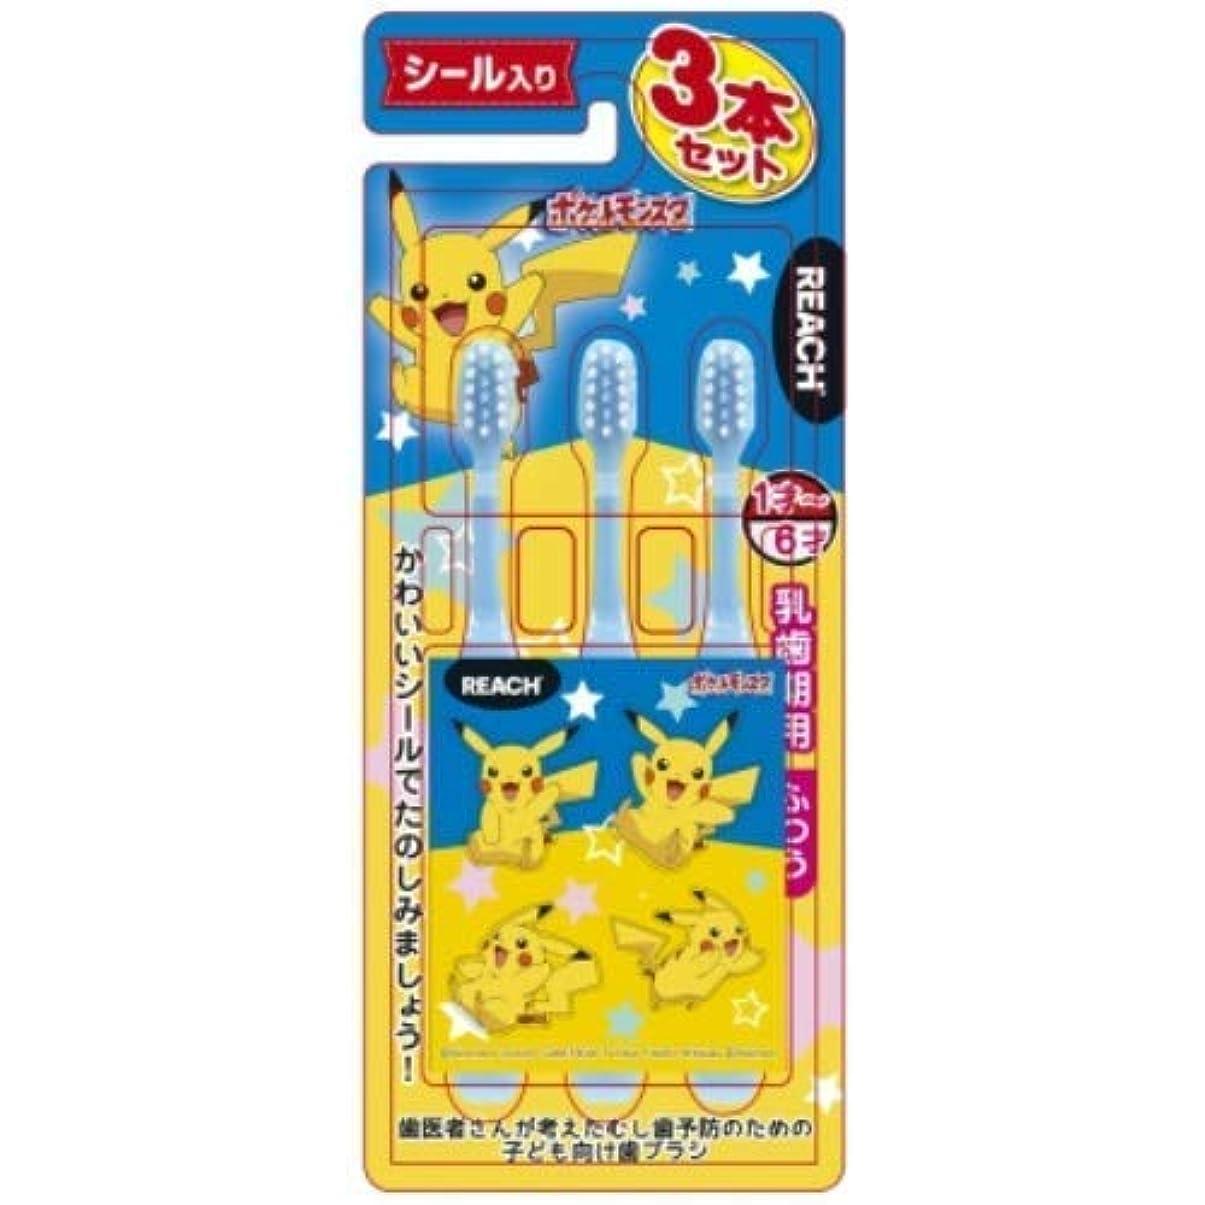 後継審判物語リーチキッズ3本(シール入り) ポケモン 乳歯期用 × 5個セット